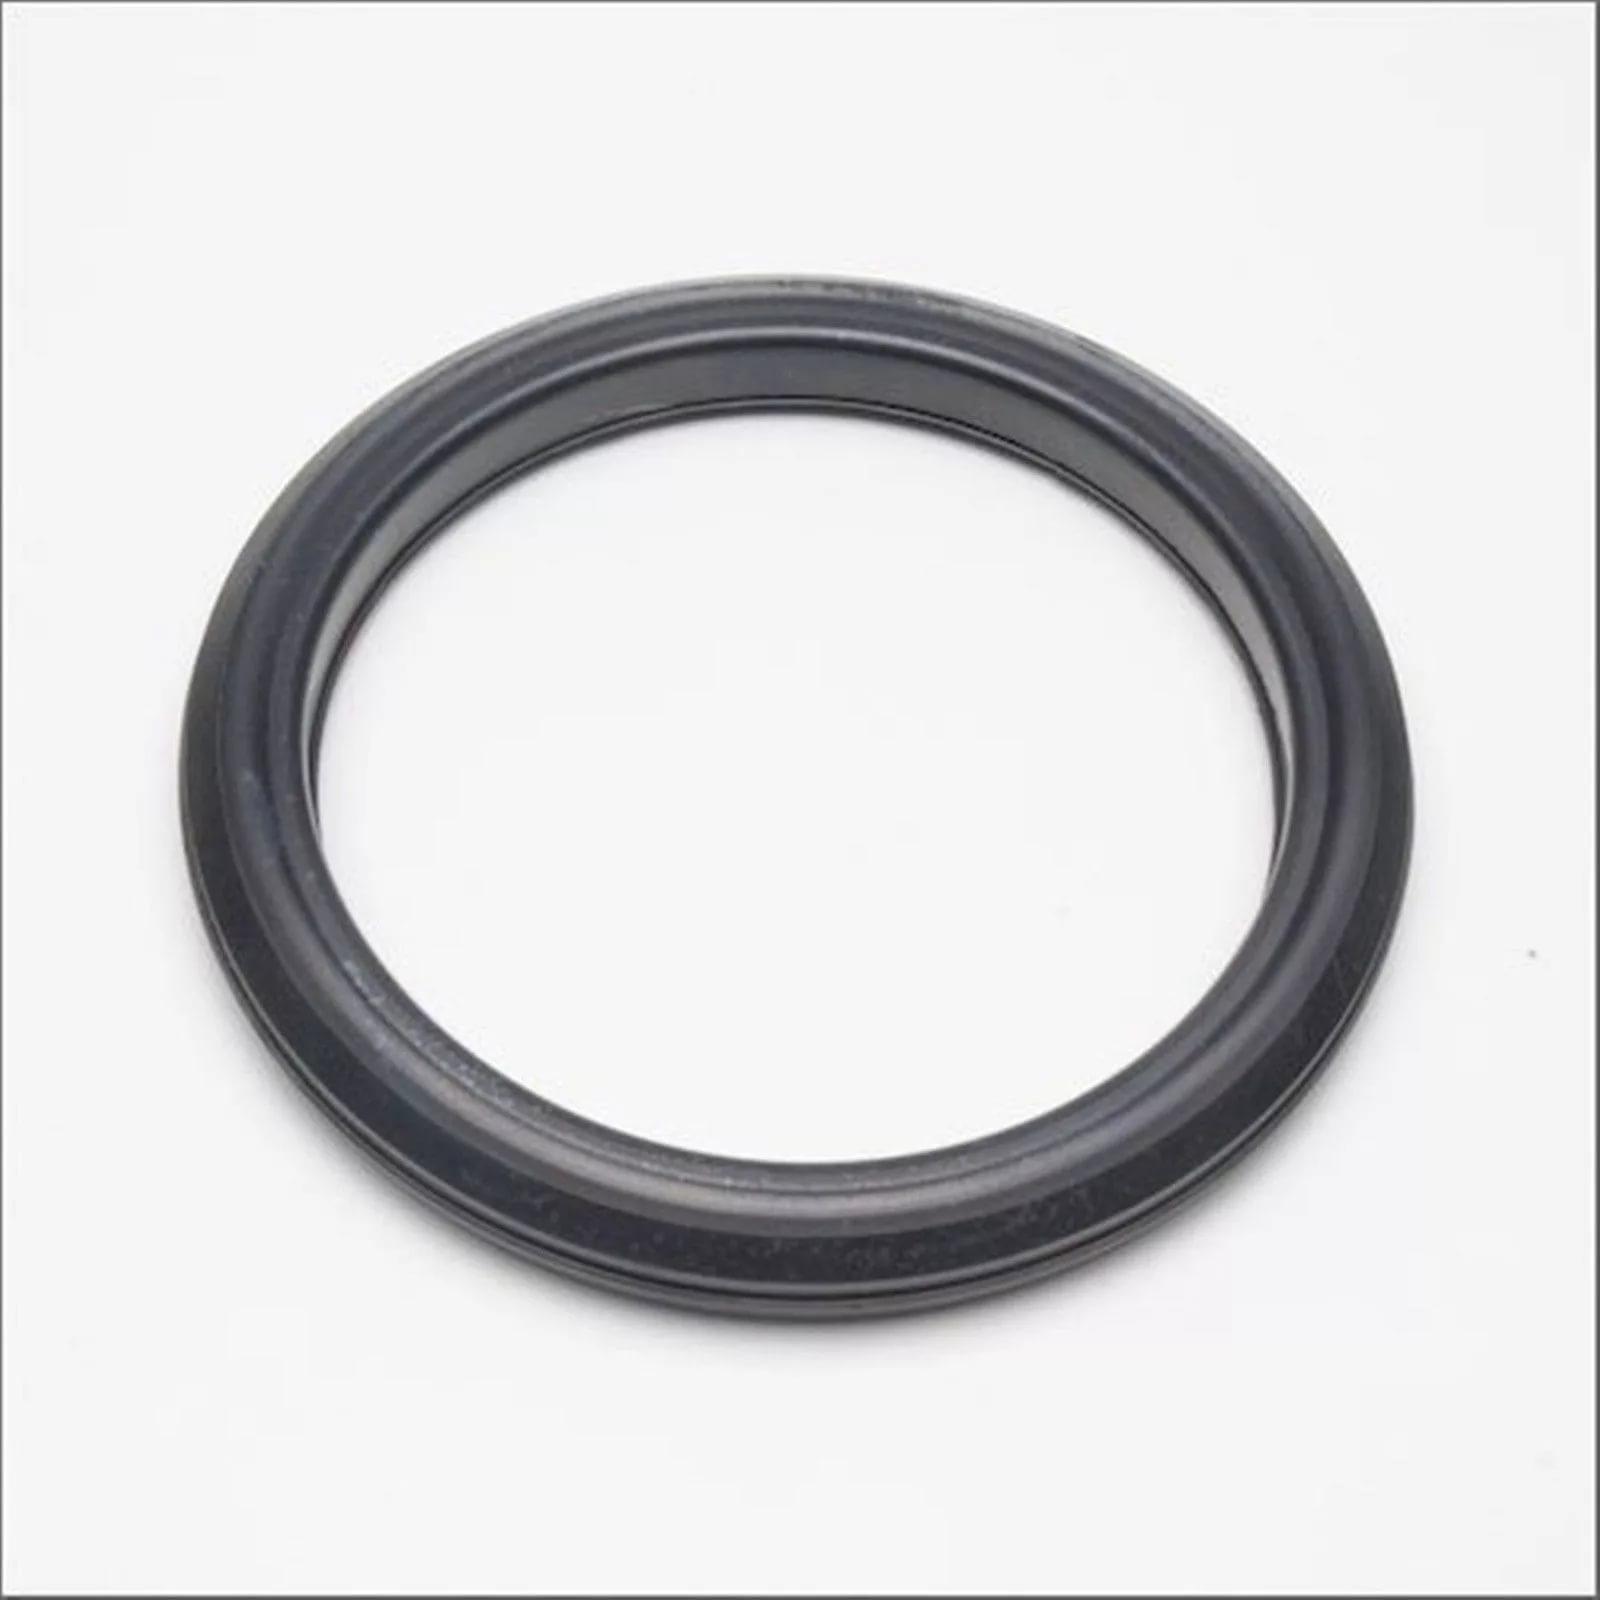 Замена резинового кольца сцепления привода колес снегоуборщика